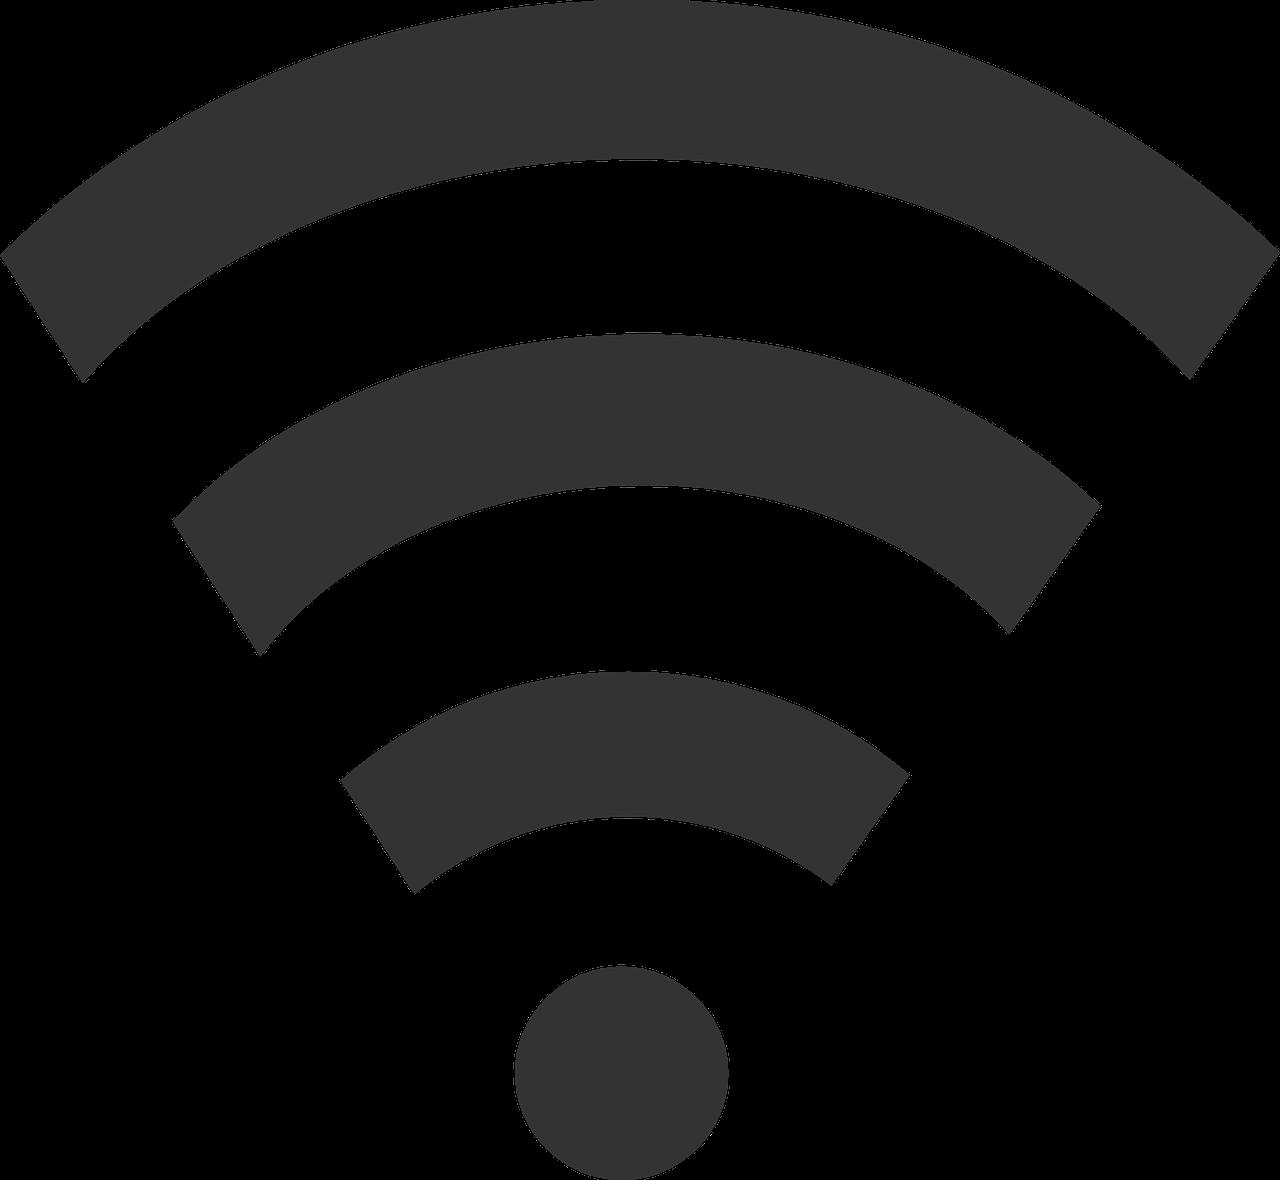 """Symbol für """"WLAN"""" oder """"WiFi"""""""